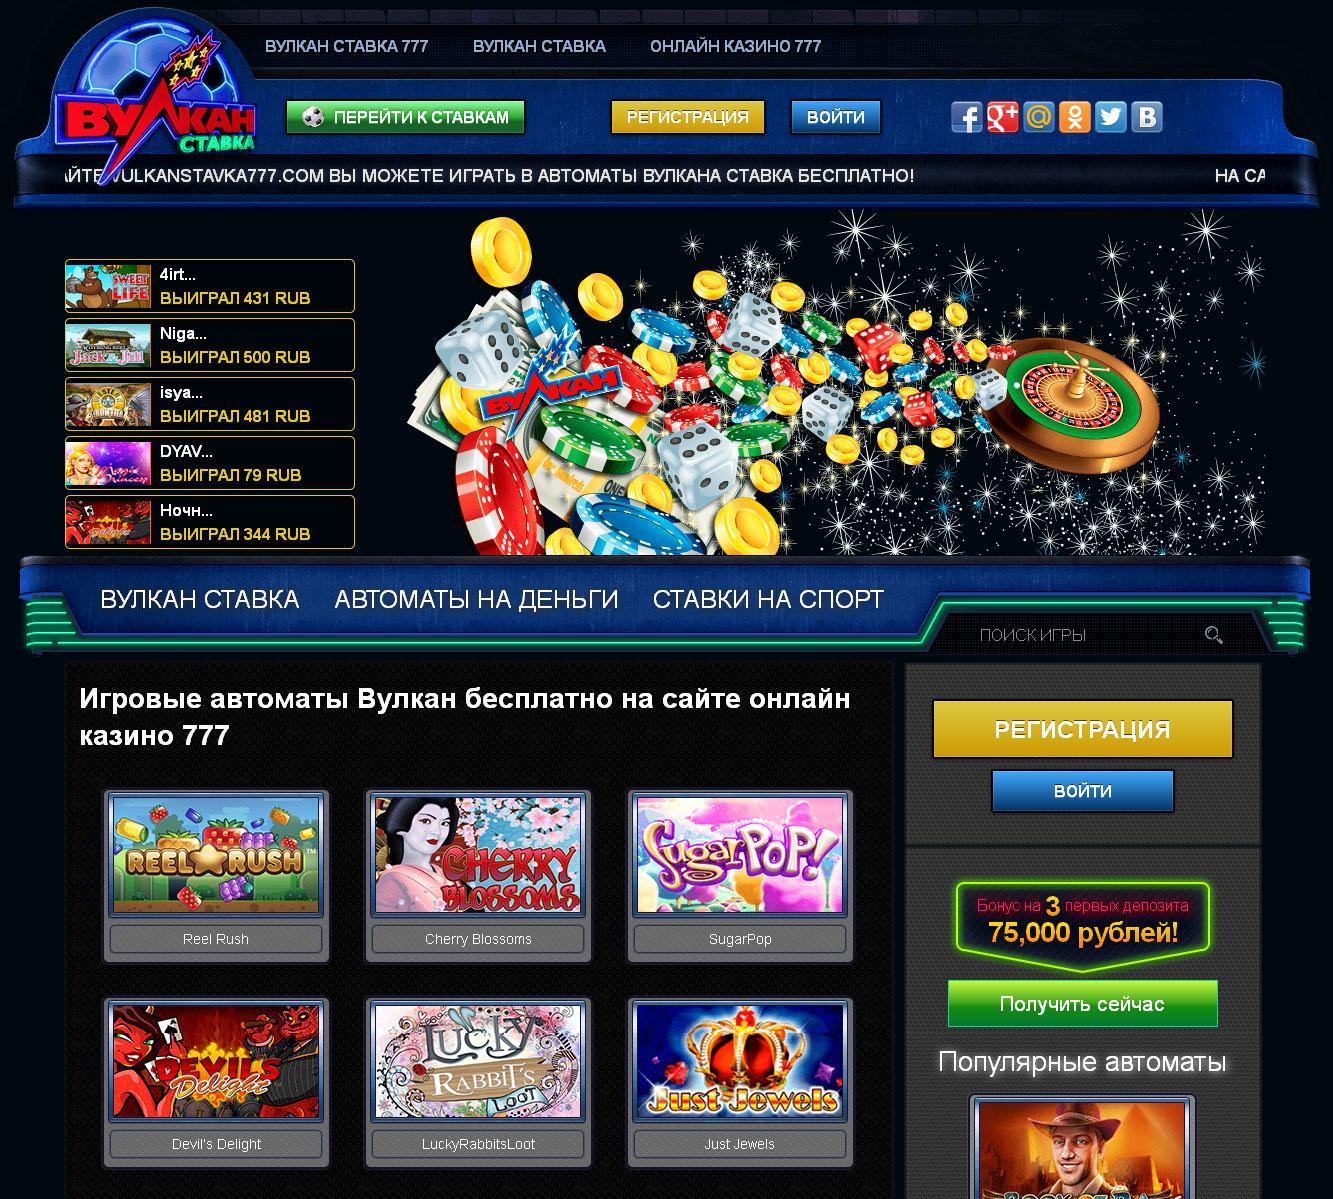 Казино вулкан играть на реальные деньги смотреть онлайн казино рояль 2006 hd